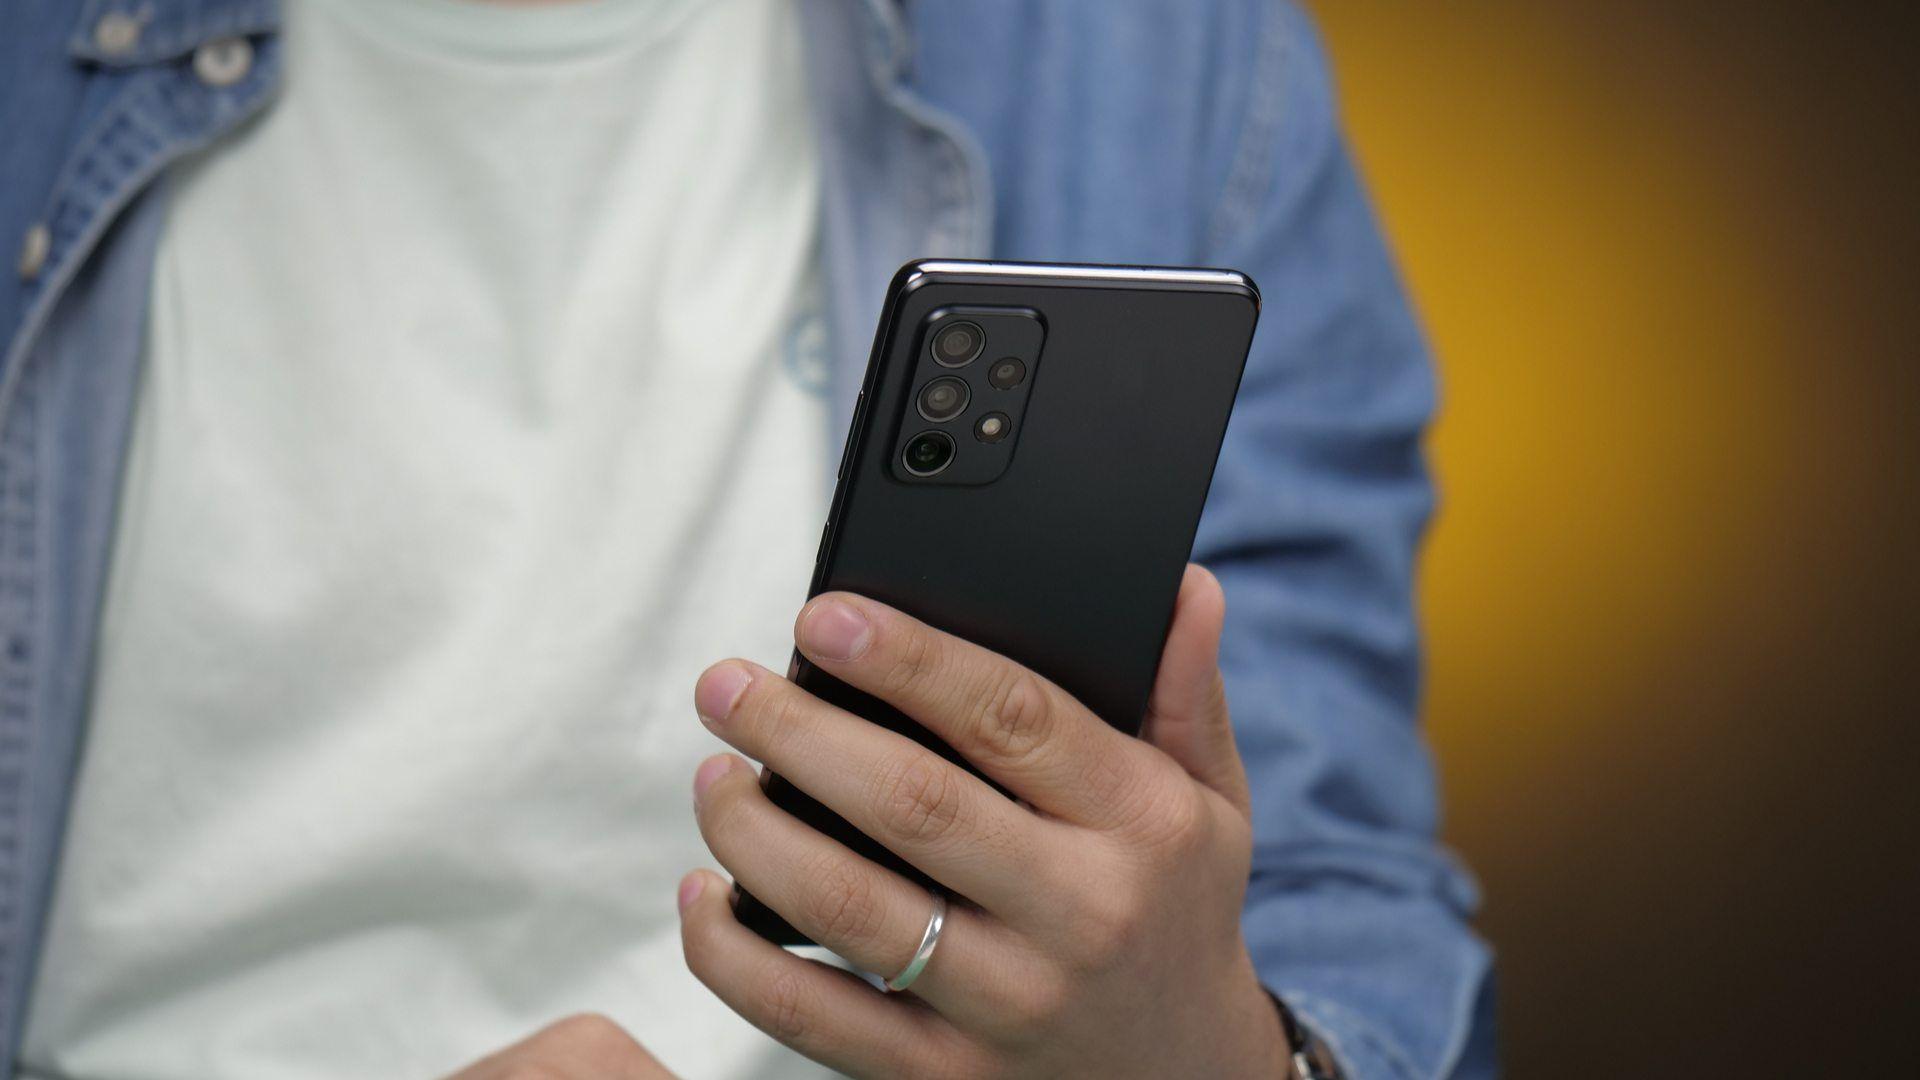 Celular Galaxy A72 na cor preta sendo segurado por uma mão